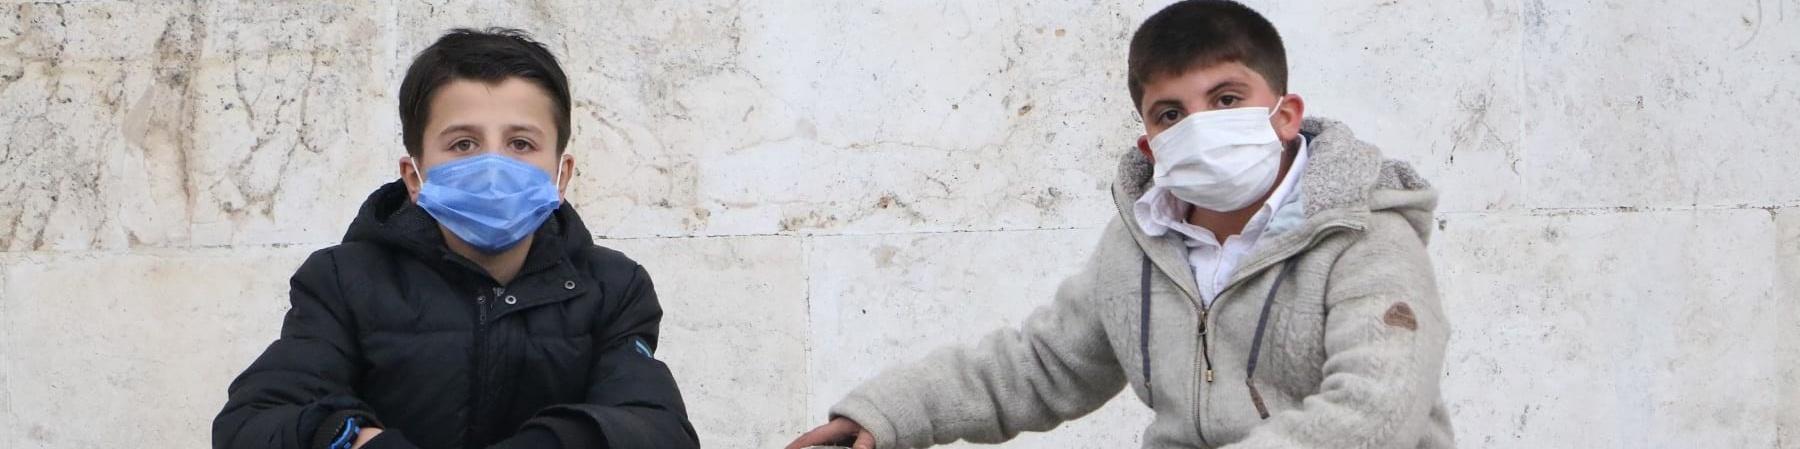 Due bambini siriani di 10 anni indossano la mascherina, un cappotto e dei jeans e sono seduti uno a fianco all altro su un gradino. Uno dei due tiene il braccio allungato lateralmente con la mano posata su un pallone, poggiato anch esso sul gradino.